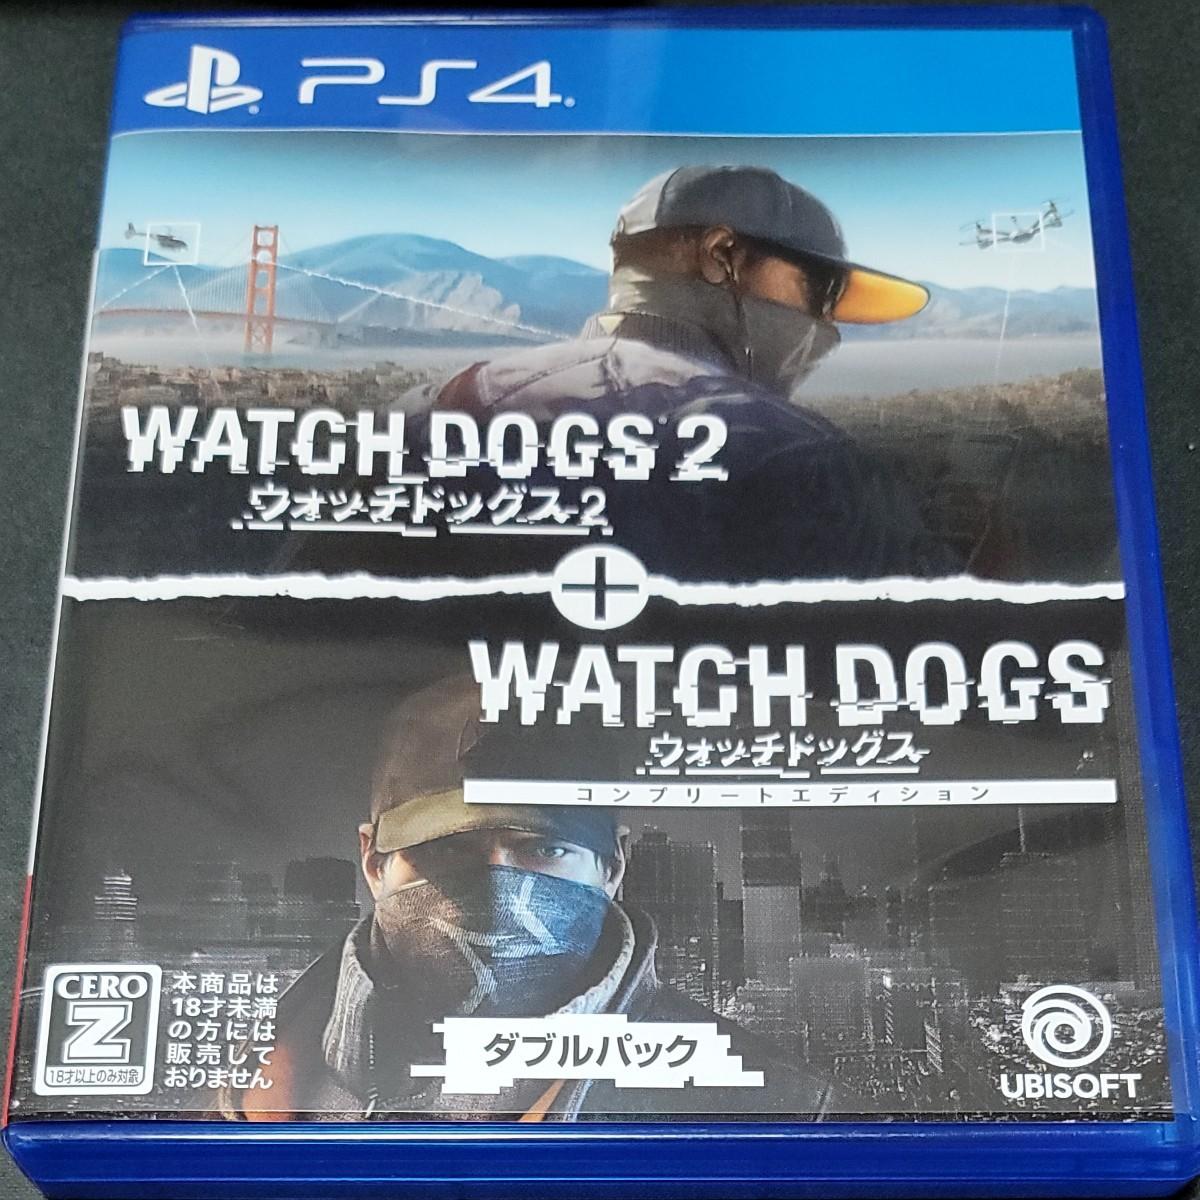 ウォッチドッグス1+2 ダブルパック PS4 Watch Dogs